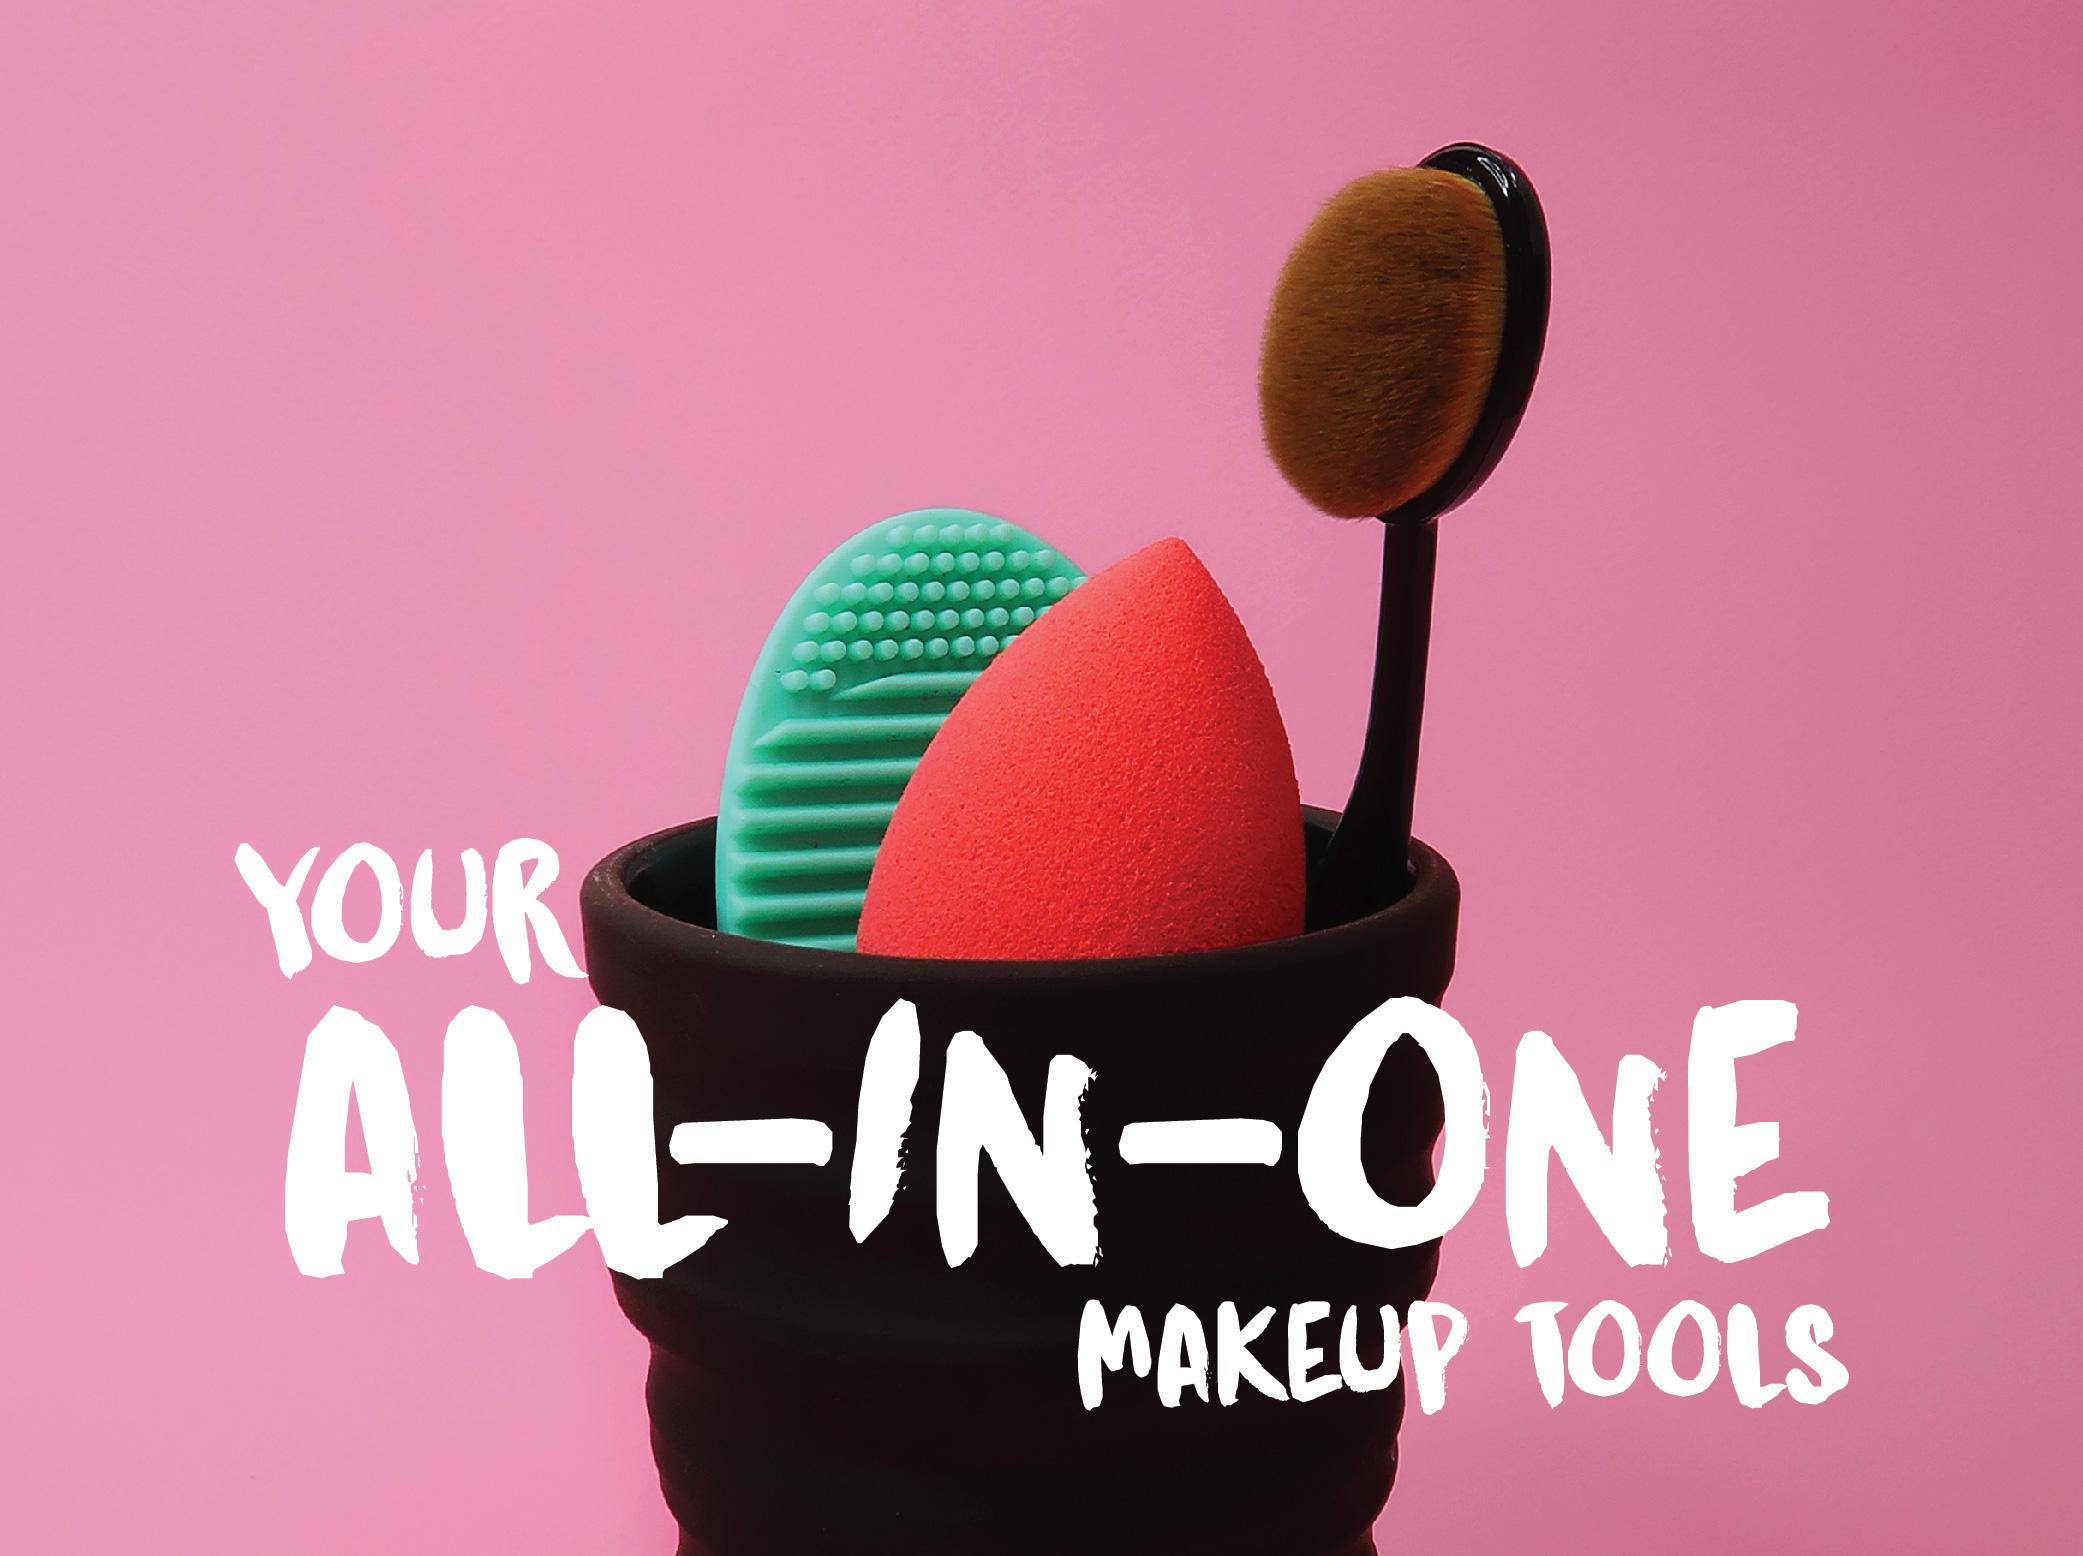 Favful toothbrush foundation brushblending spongebrush egg set baditri Choice Image